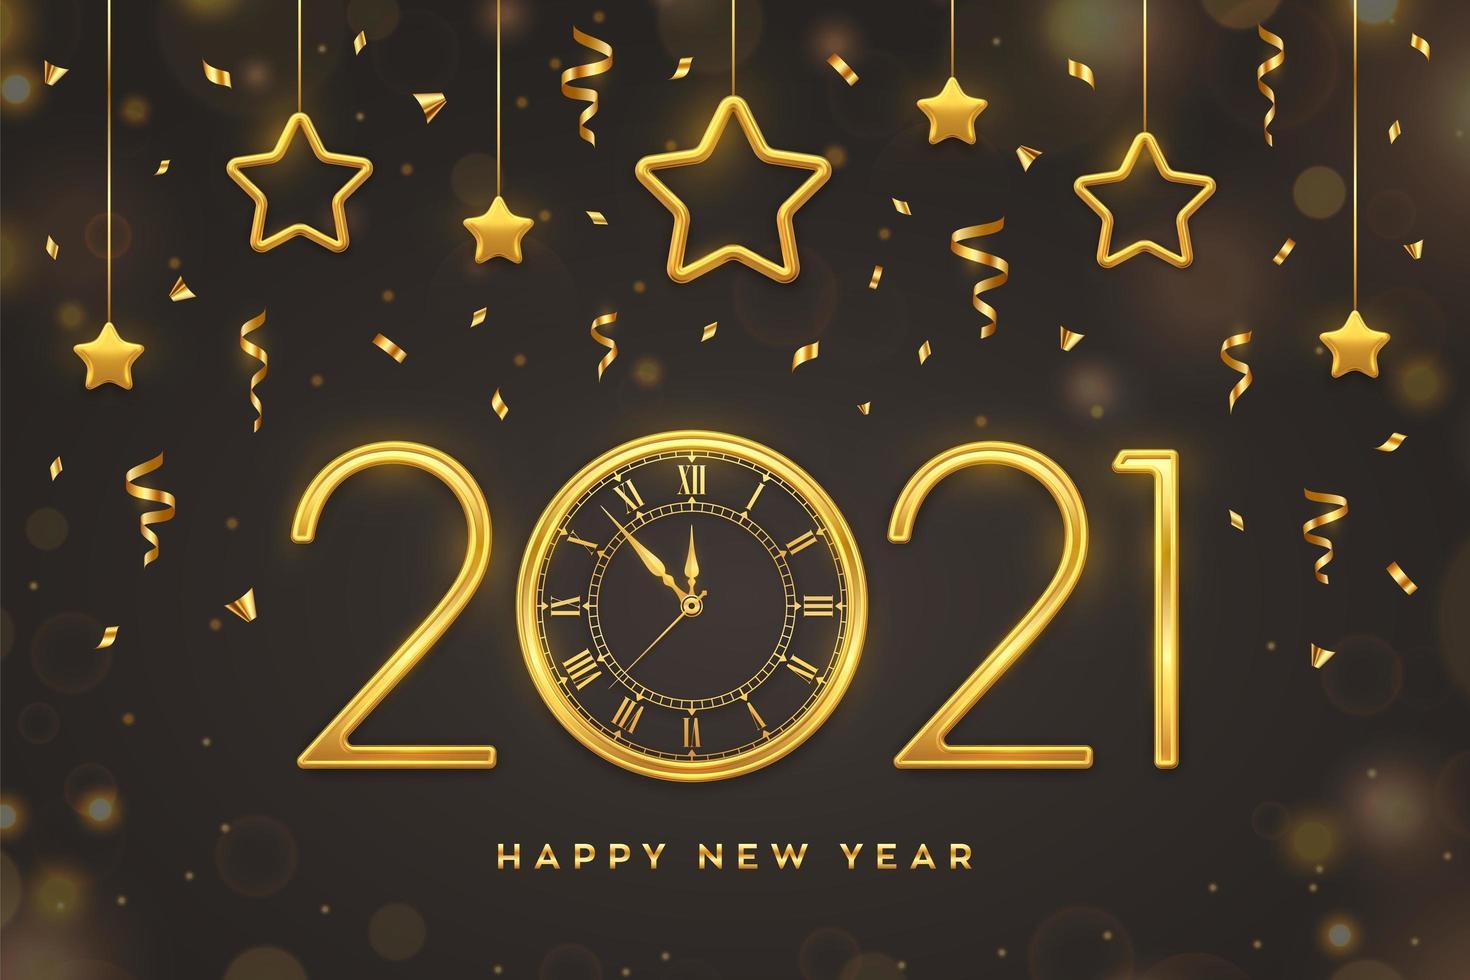 texte doré du nouvel an, horloge et étoiles suspendues vecteur